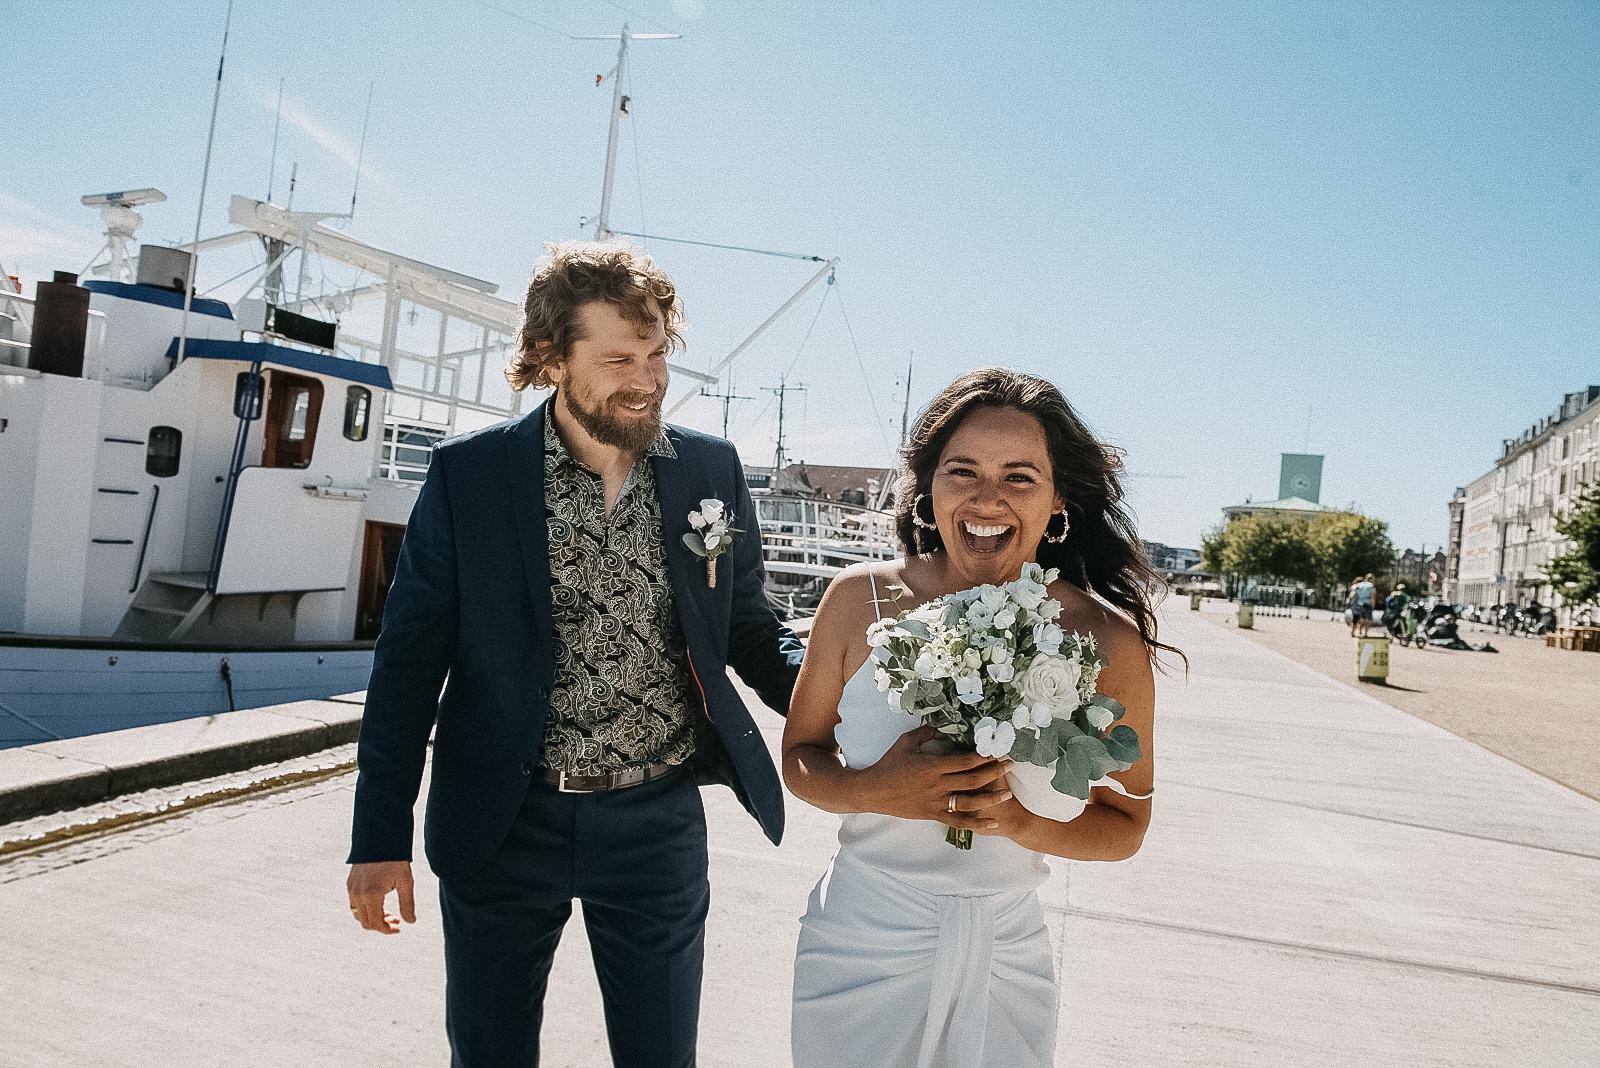 Vad handlar det egentligen om? Att fotografera bröllop? Är det klänningen du vill minnas? Skorna eller kanske buketten? Ja, visst - varför inte. Dock så misstänker jag att, när du anlitar en bröllopsfotograf för att fånga ert bröllop, så är det ögonblicken som du vill minnas. Känslan.